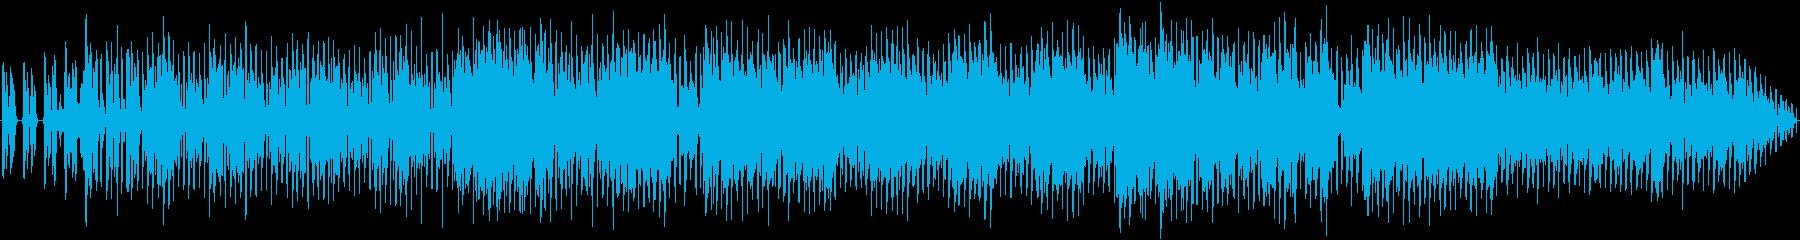 ランニングハウス。の再生済みの波形